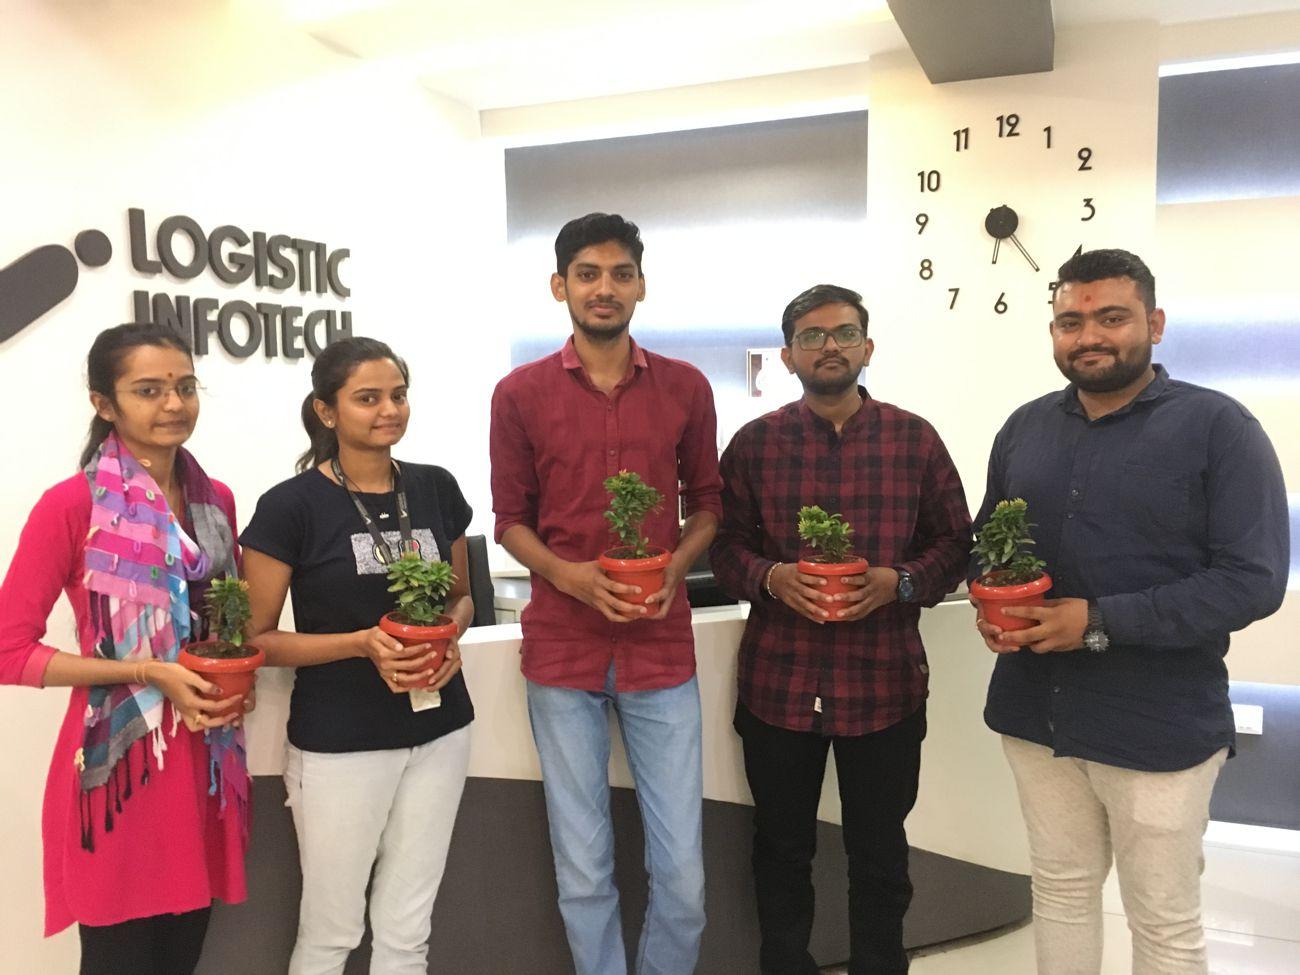 World Environment Day Logistic Infotech